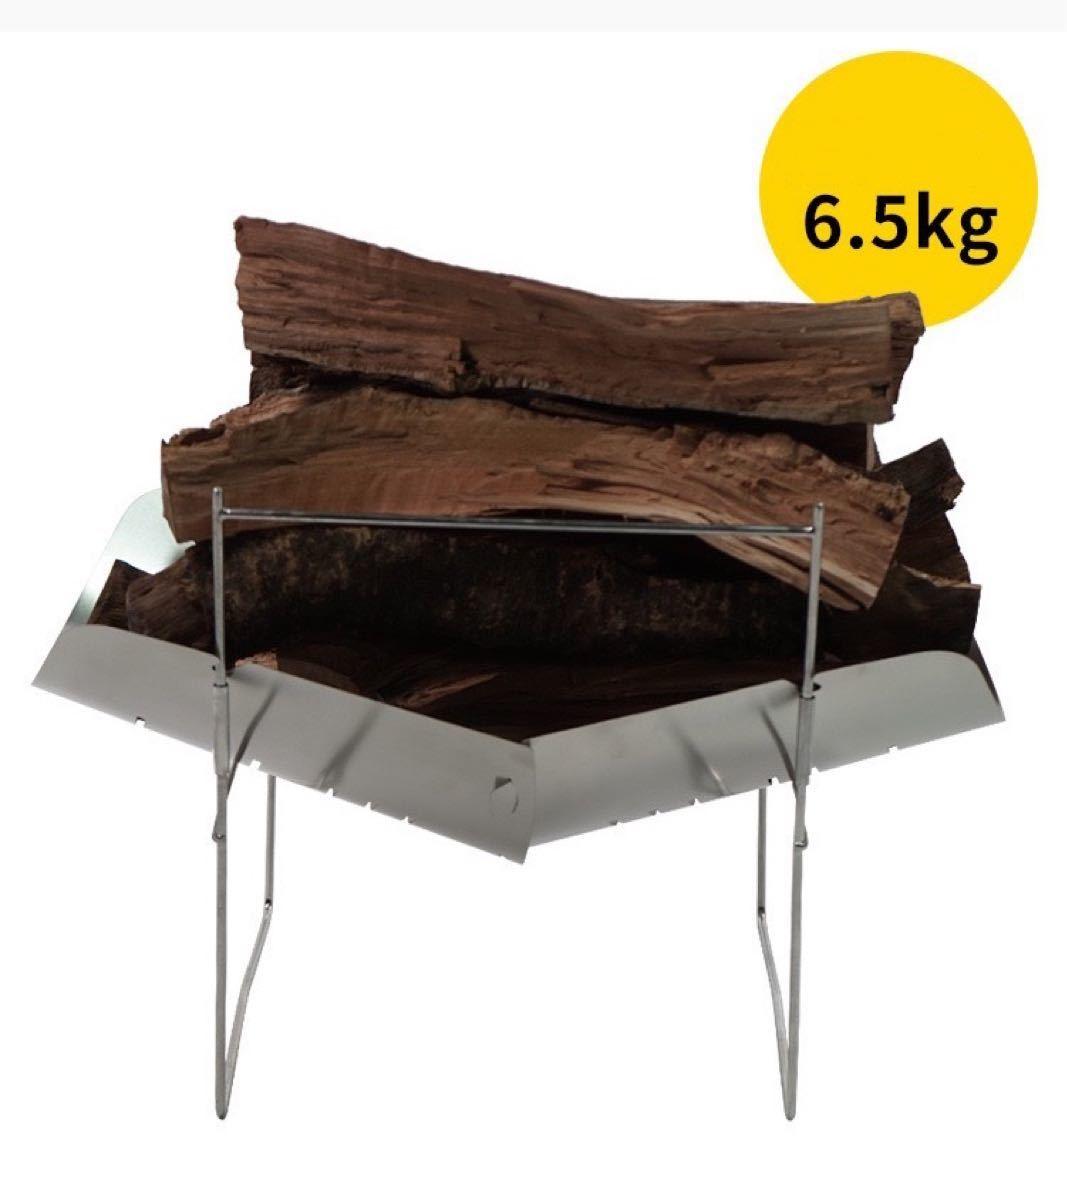 人気焚き火台 折り畳み式 ステンレス製 A4サイズ 超軽量380g!品質保証!